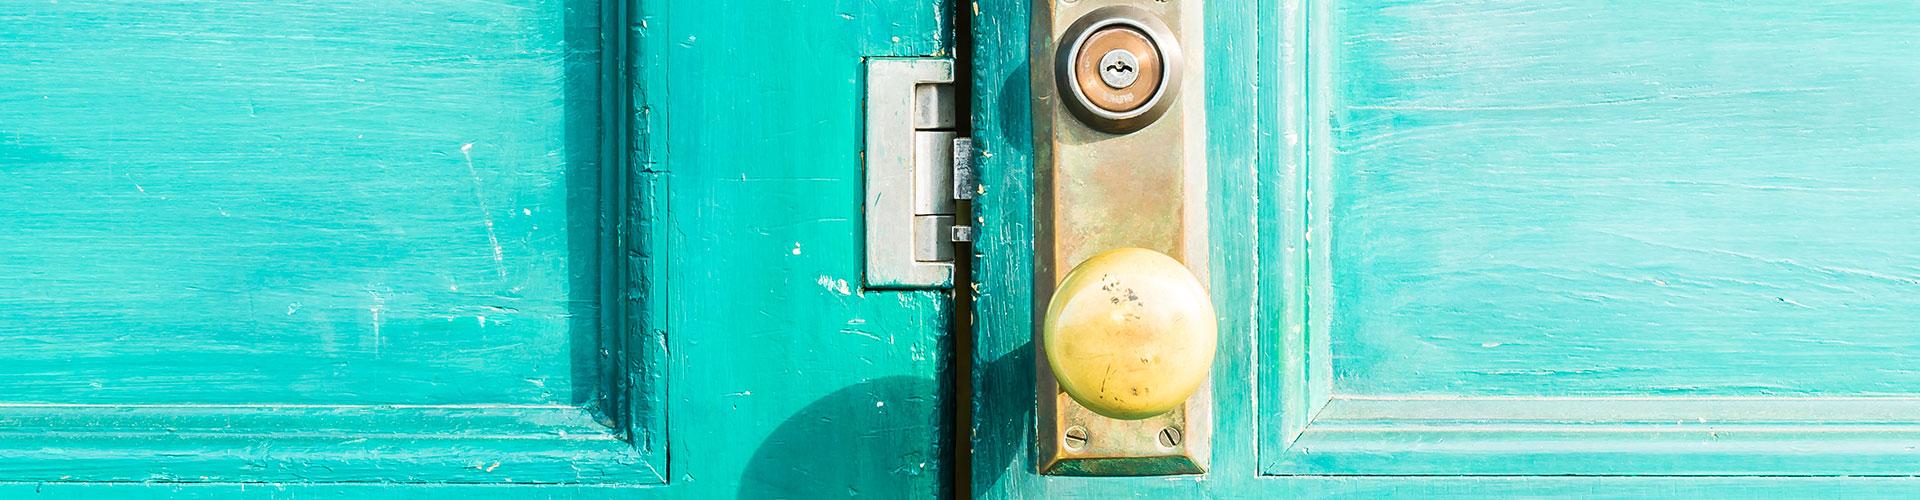 איך לבחור דלתות פנים מעוצבות לבית?